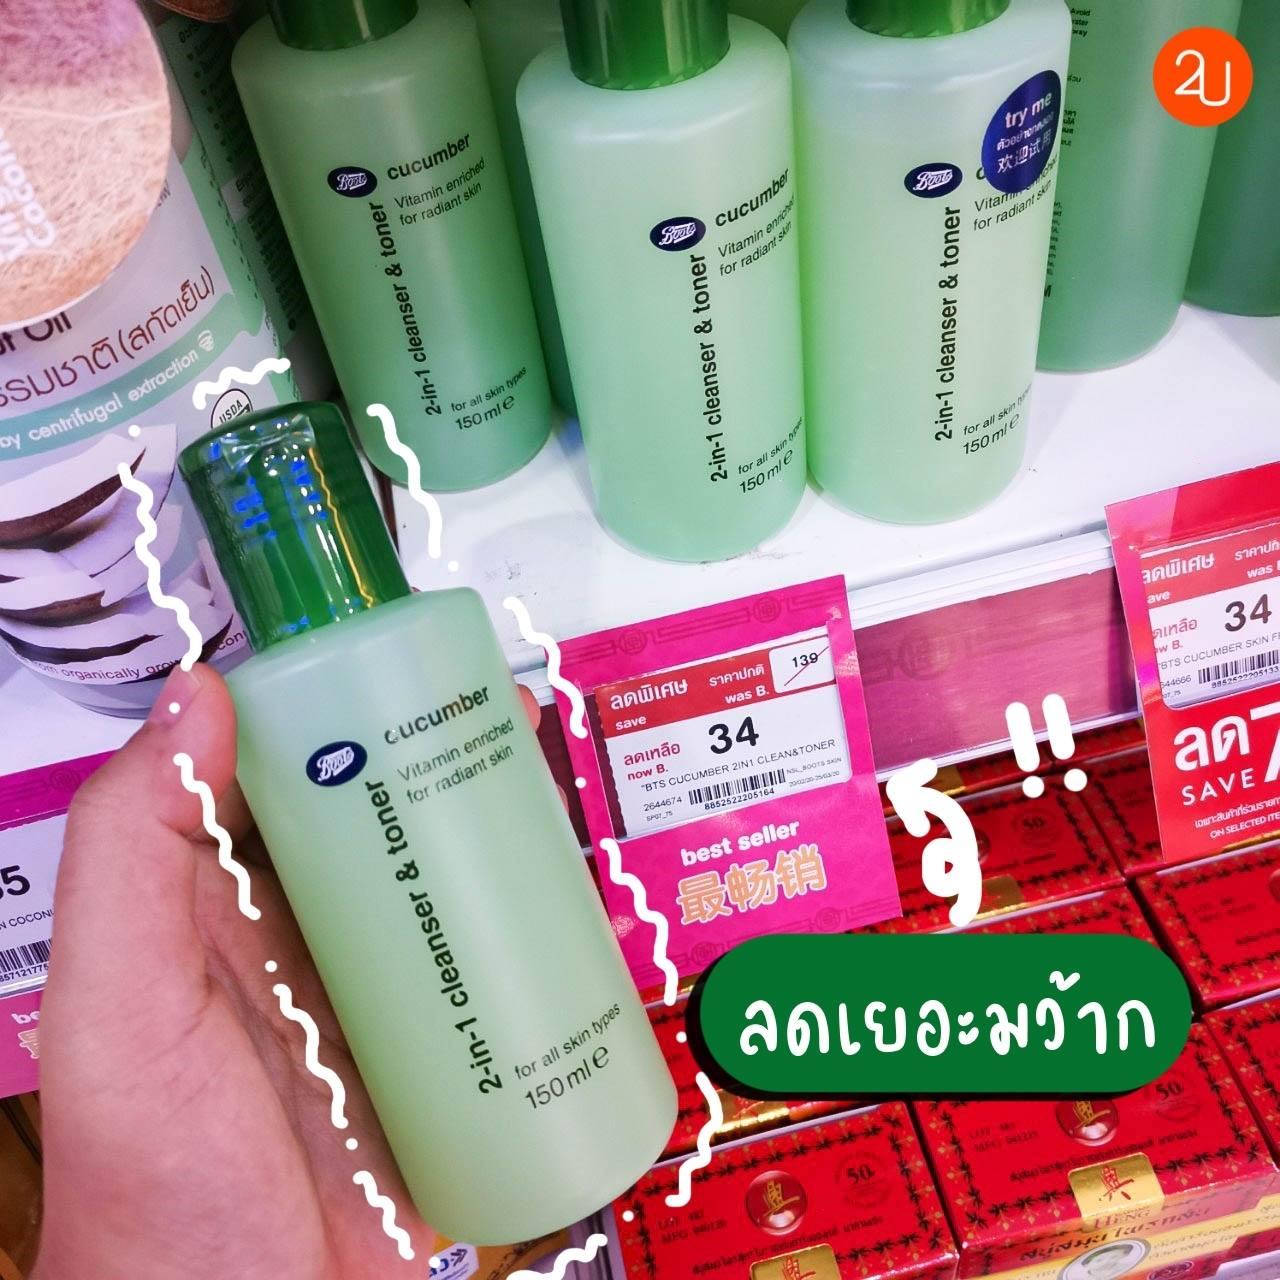 2-in-1 cleanser & toner Vitamin enriched for radiant skin